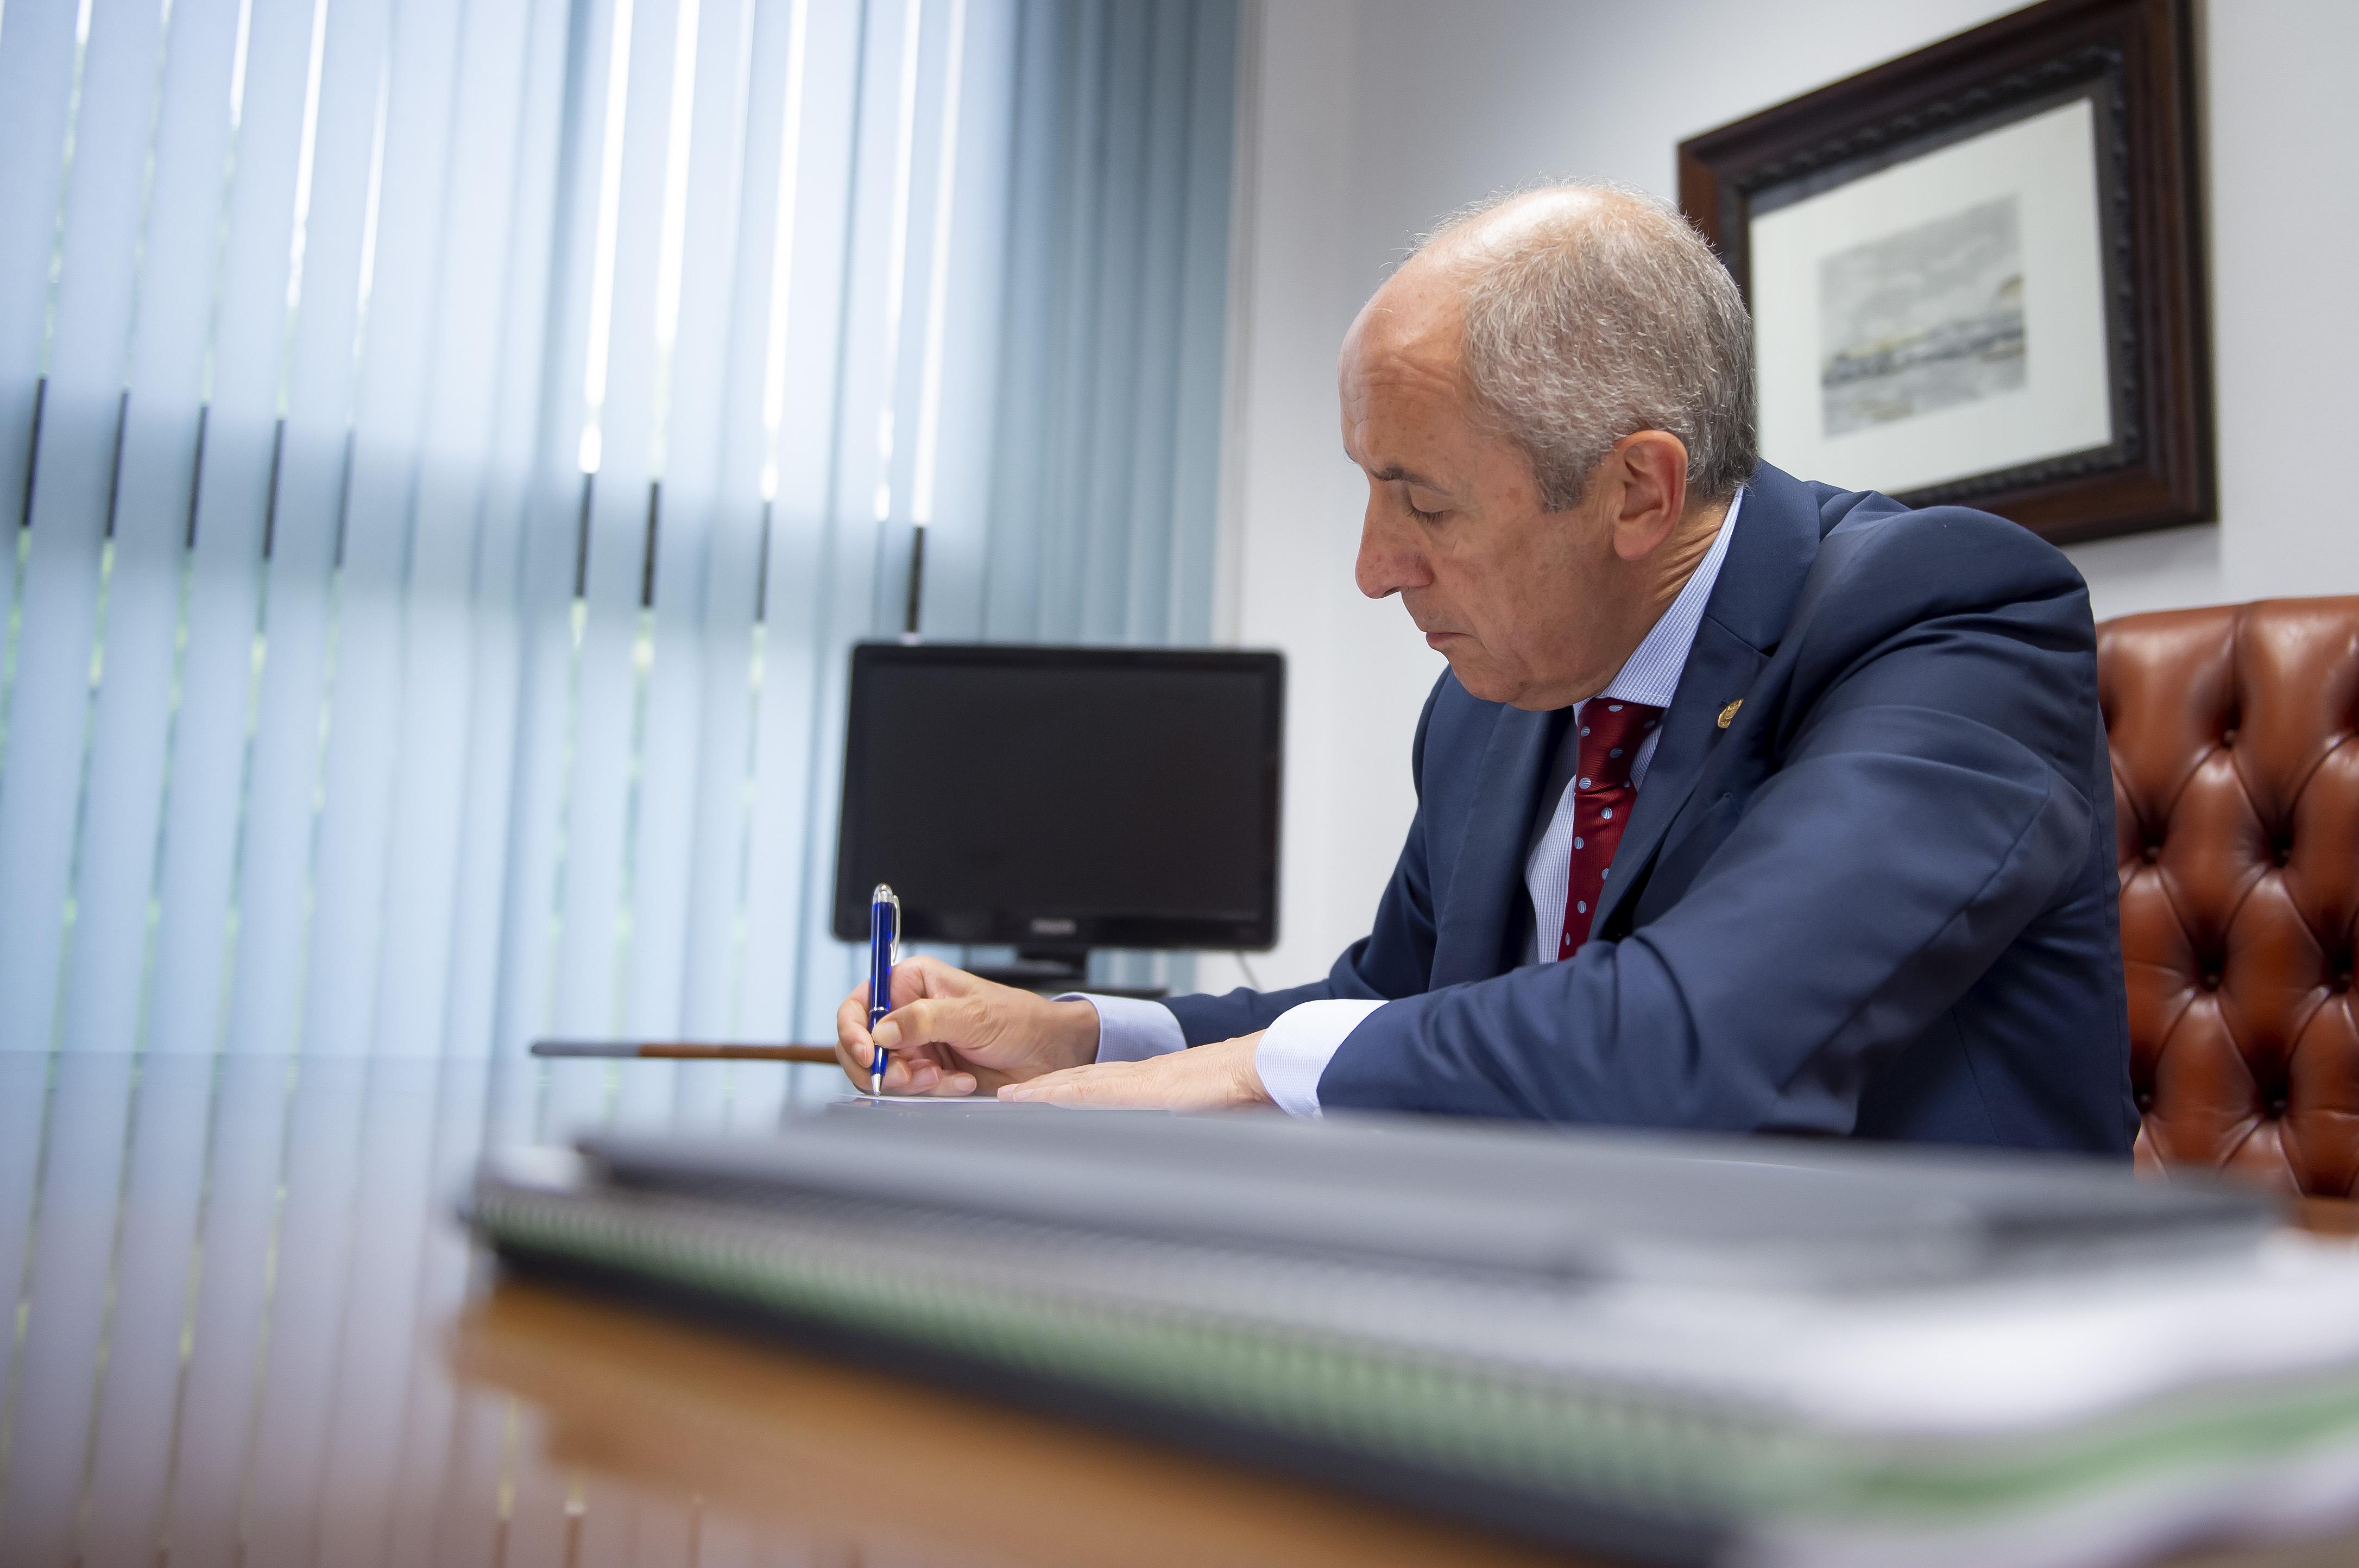 Gobernuak positiboki baloratu du Konstituzio Auzitegiak Polizia Abusu Legea deiturikoaren kontrako errekurtsoa artxibatu izana